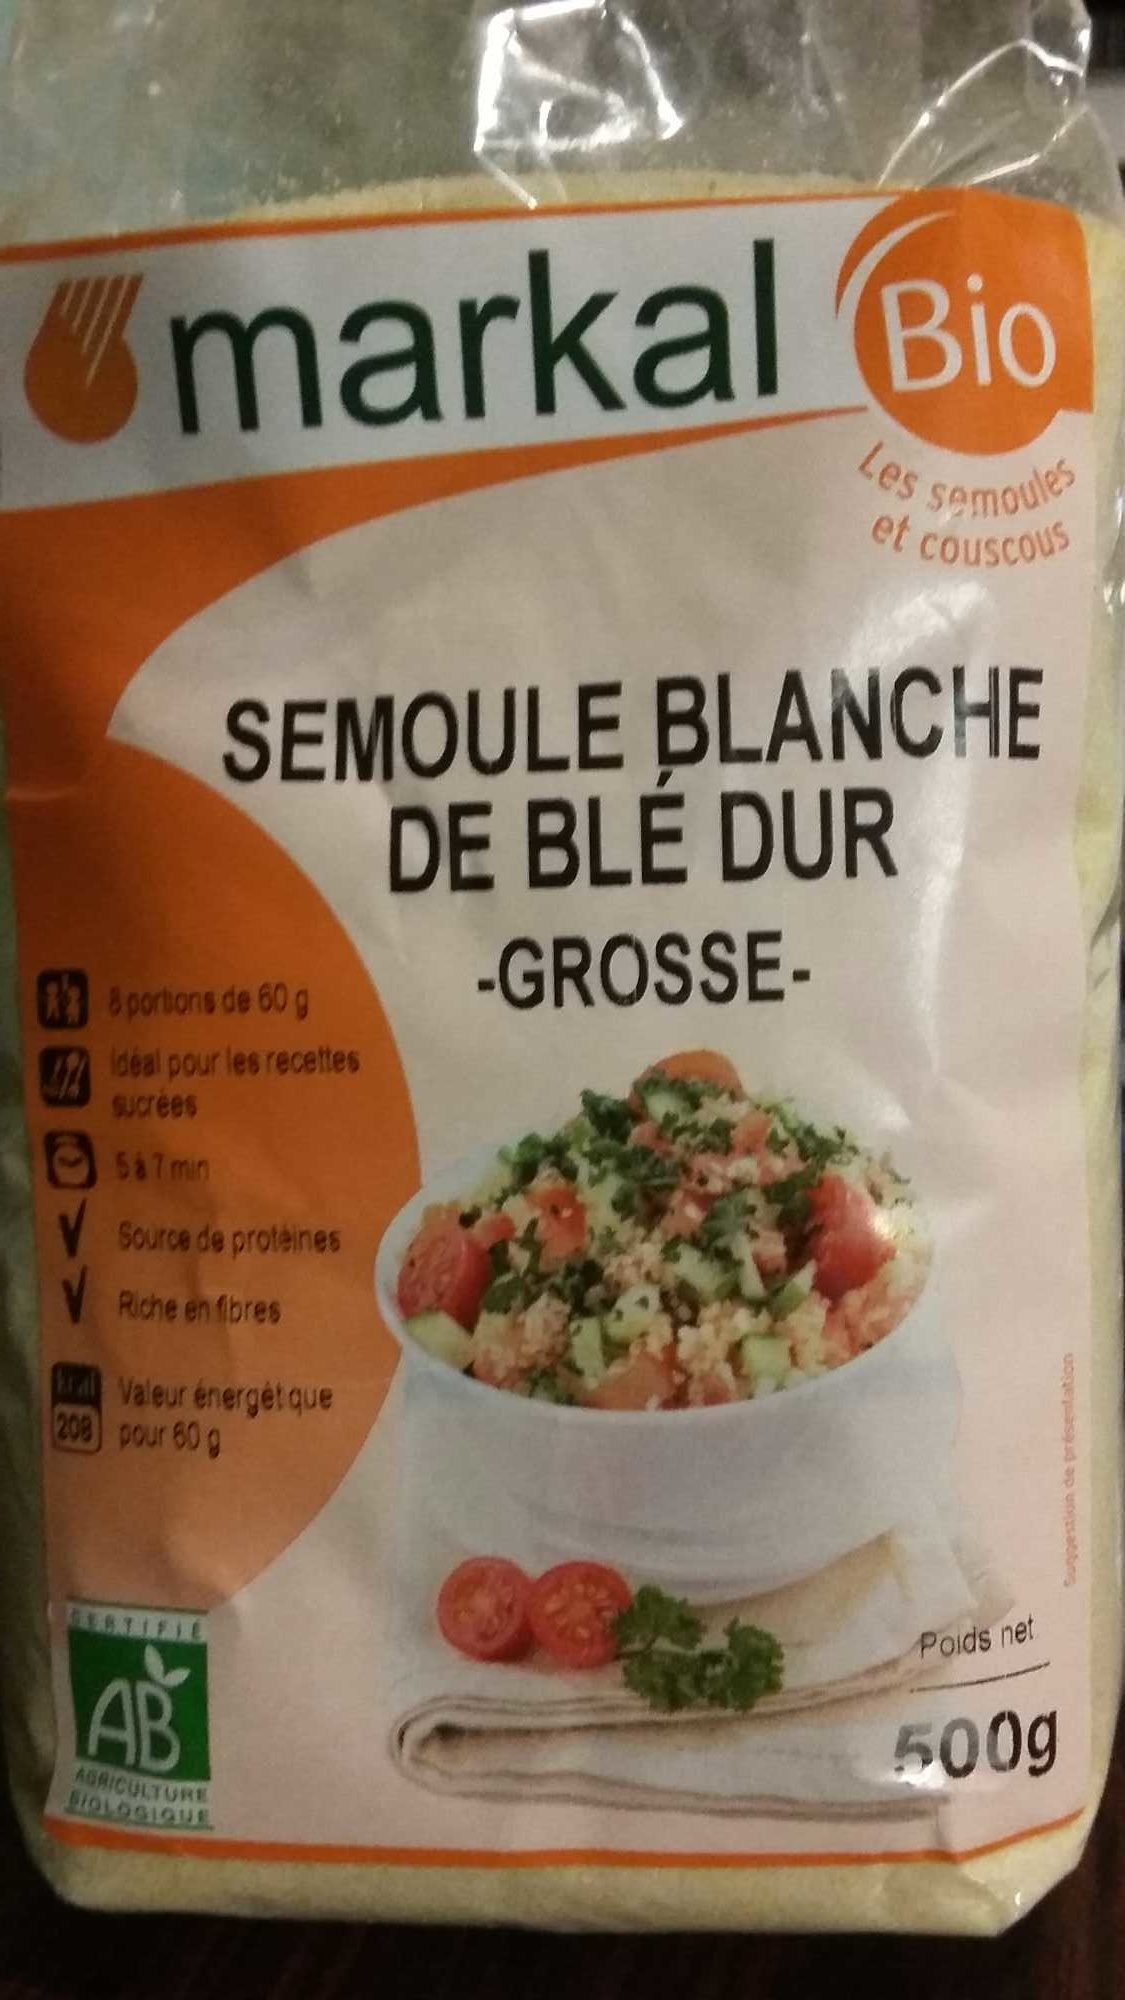 Semoule blanche de blé dur grosse bio - Product